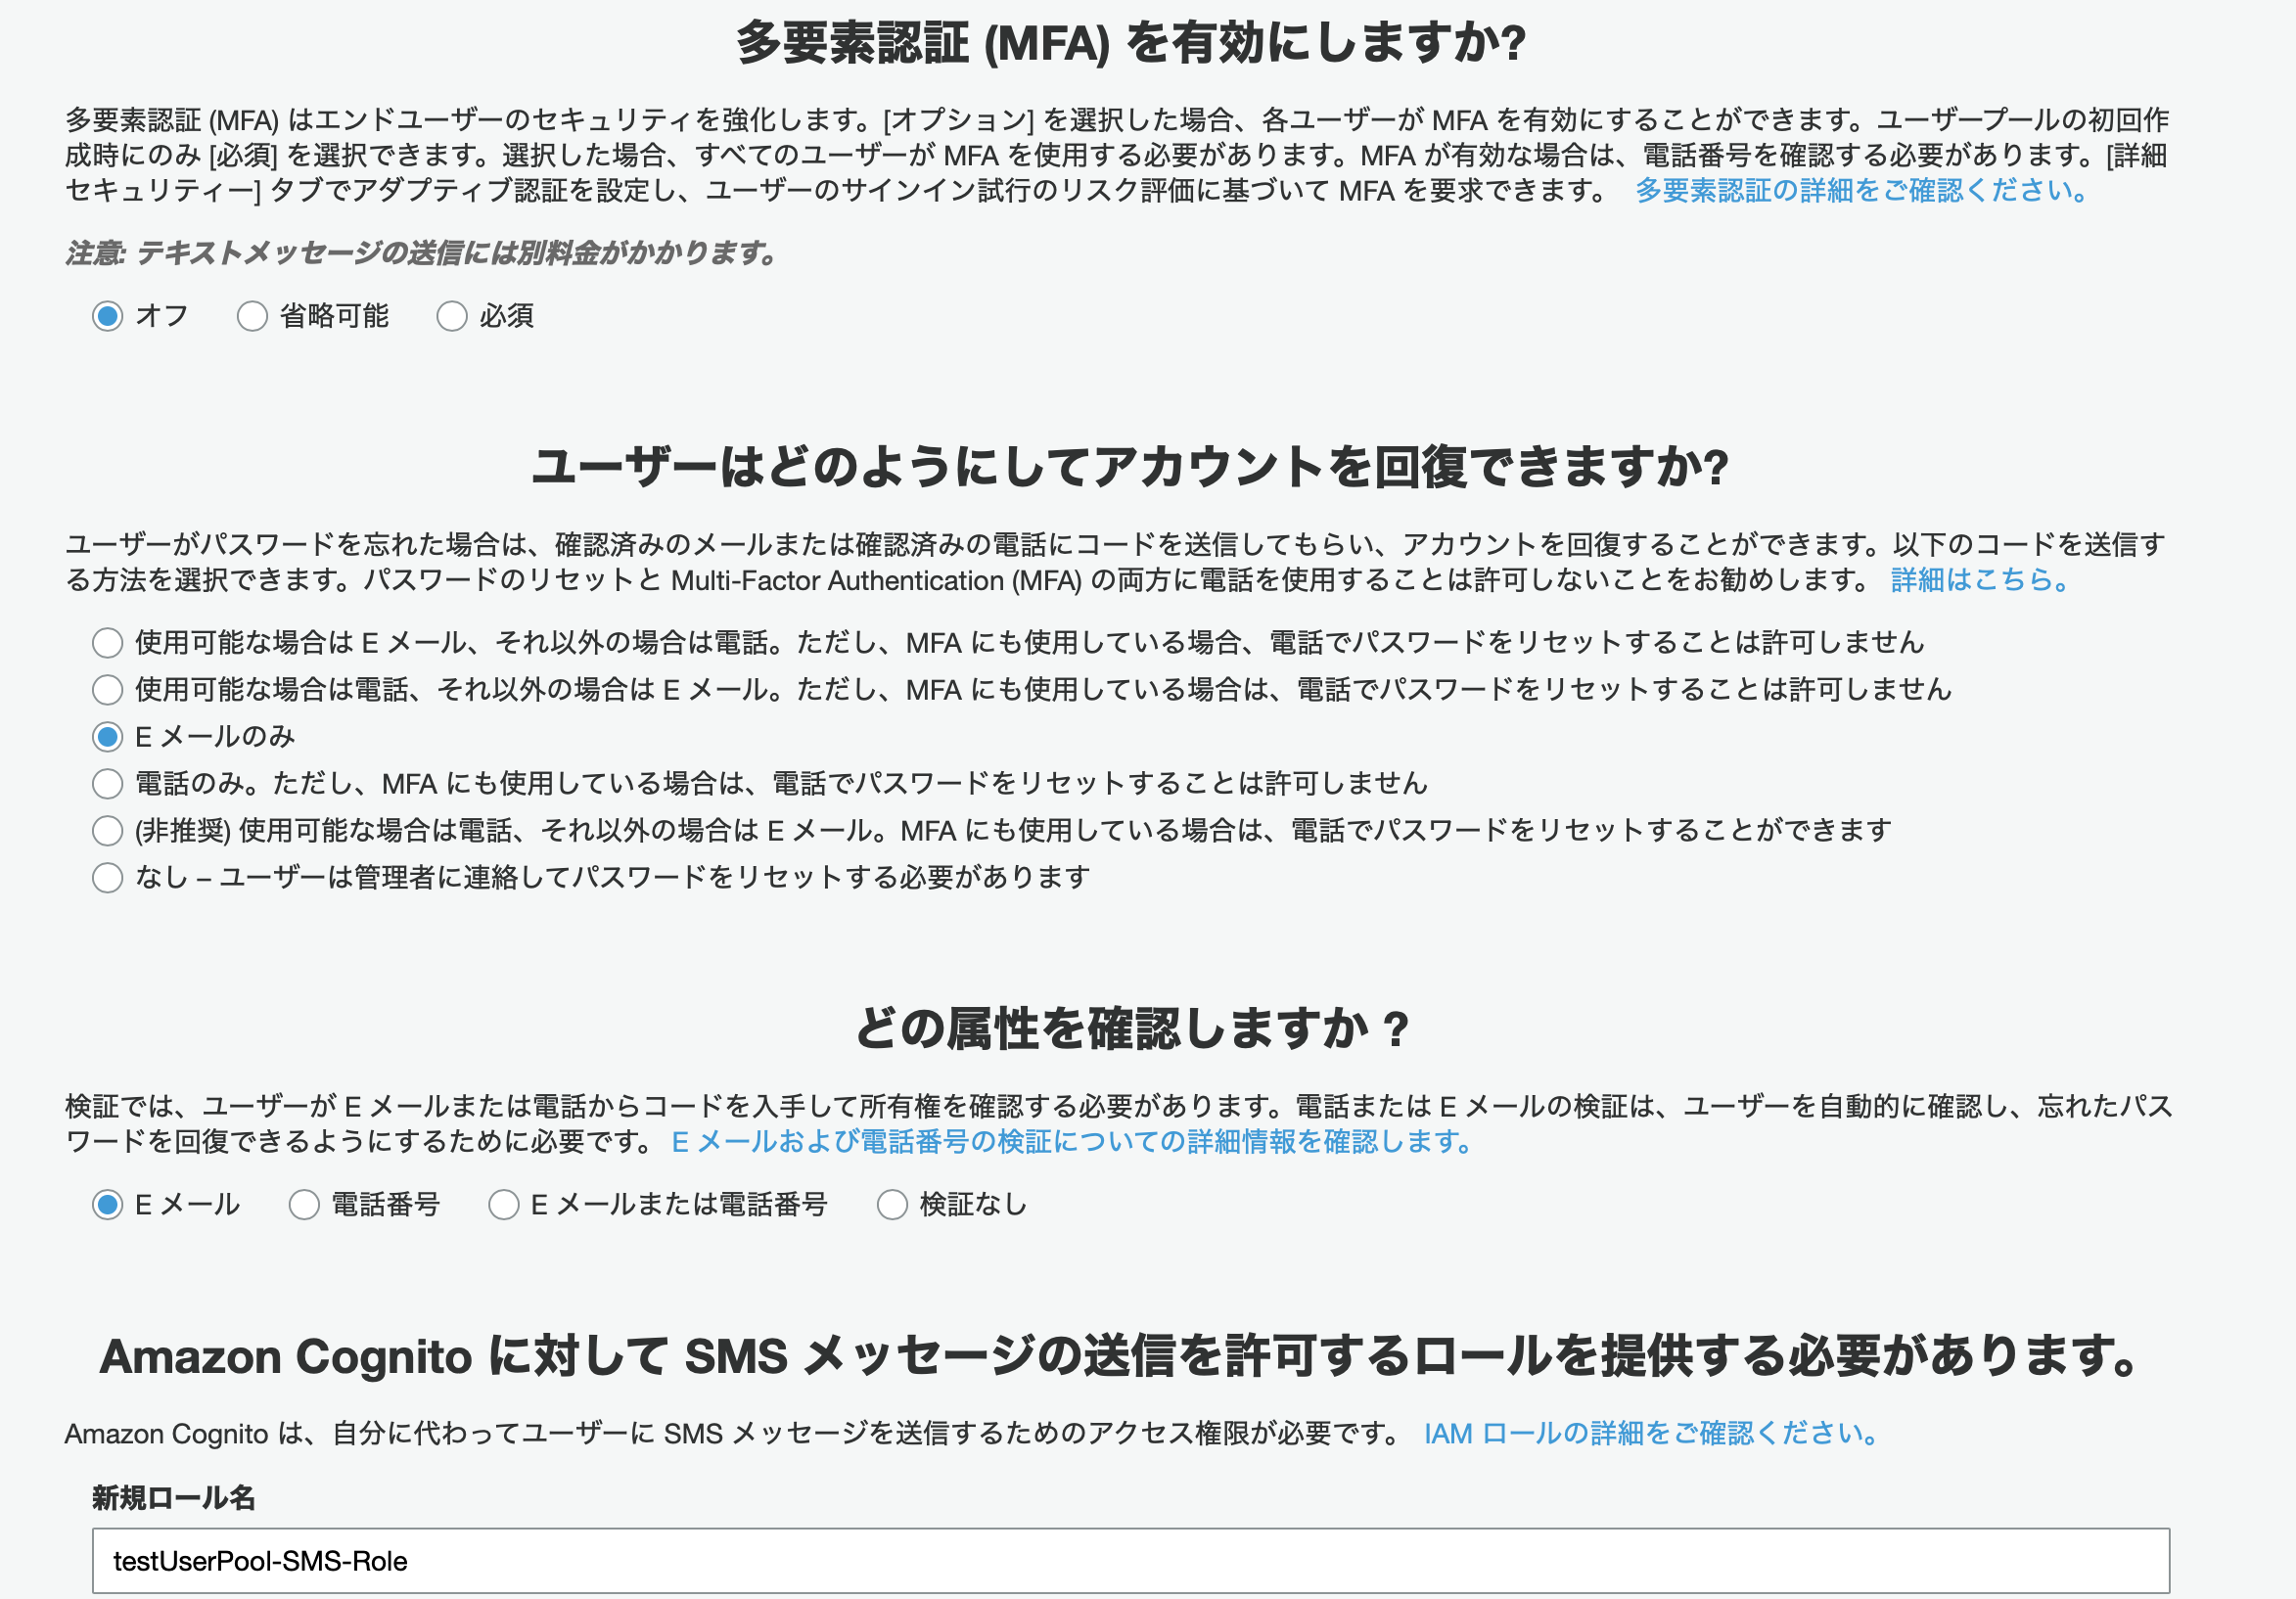 スクリーンショット 2020-09-19 20.06.59.png